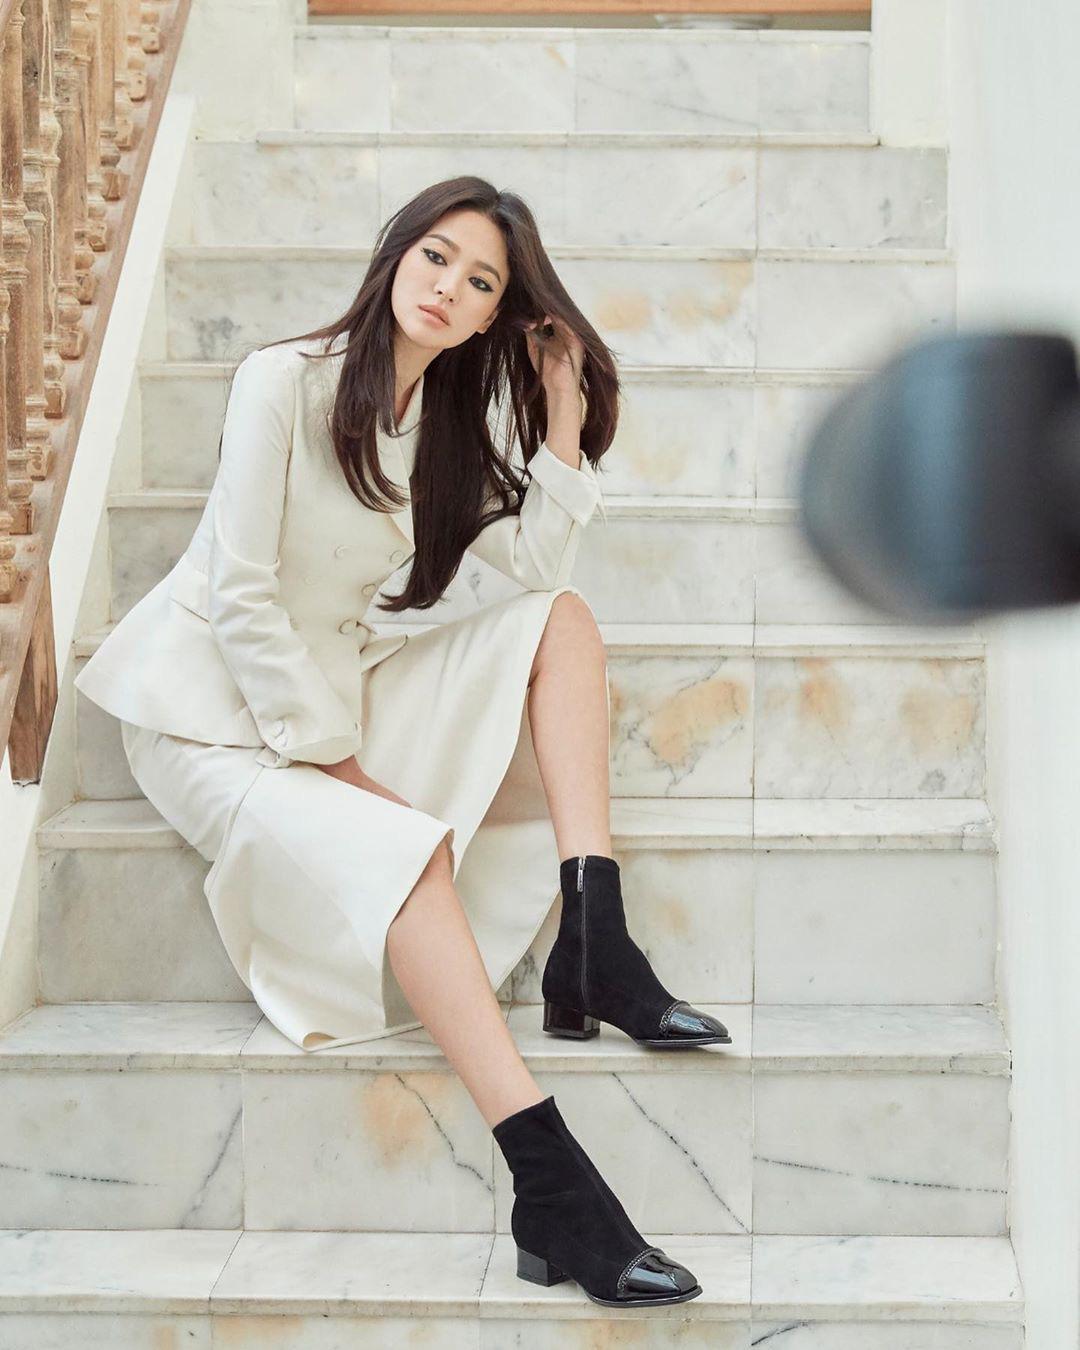 Ly hôn Song Joong Ki, Song Hye Kyo ngày càng thay đổi bản thân theo chiều hướng trái ngược quá khứ-8